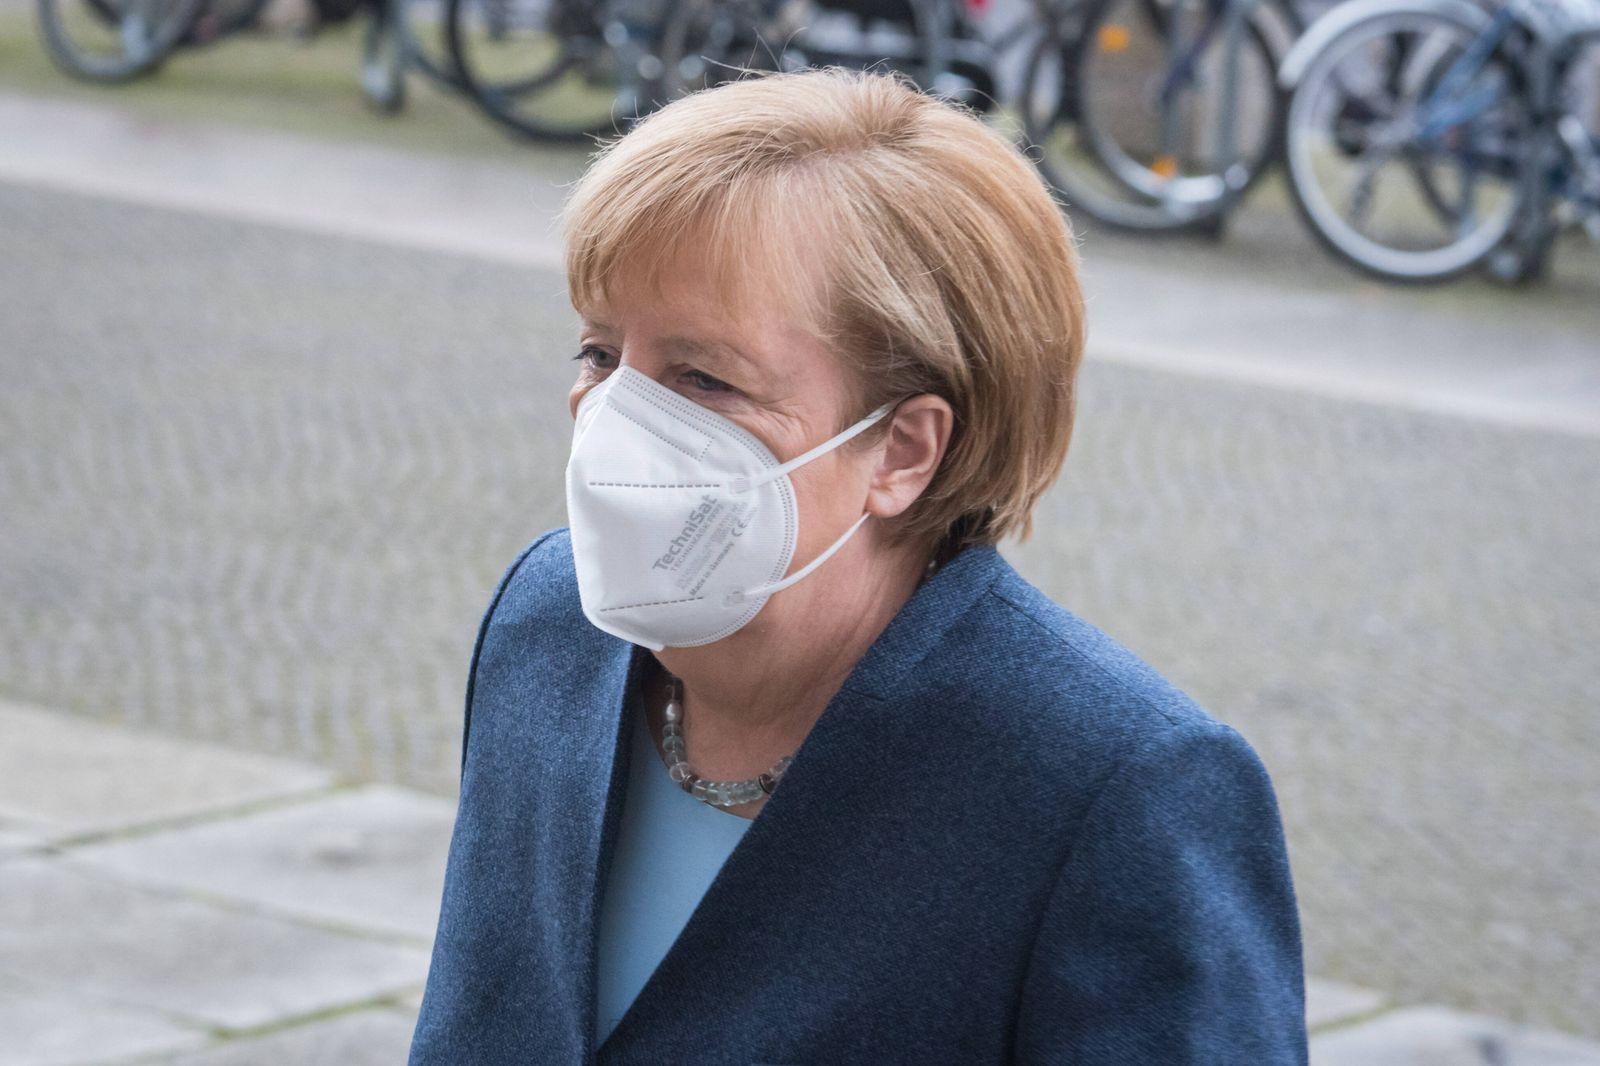 Berlin, Plenarsitzung im Bundestag Deutschland, Berlin - 16.12.2020: Im Bild ist Bundeskanzlerin Angela Merkel (cdu) wä